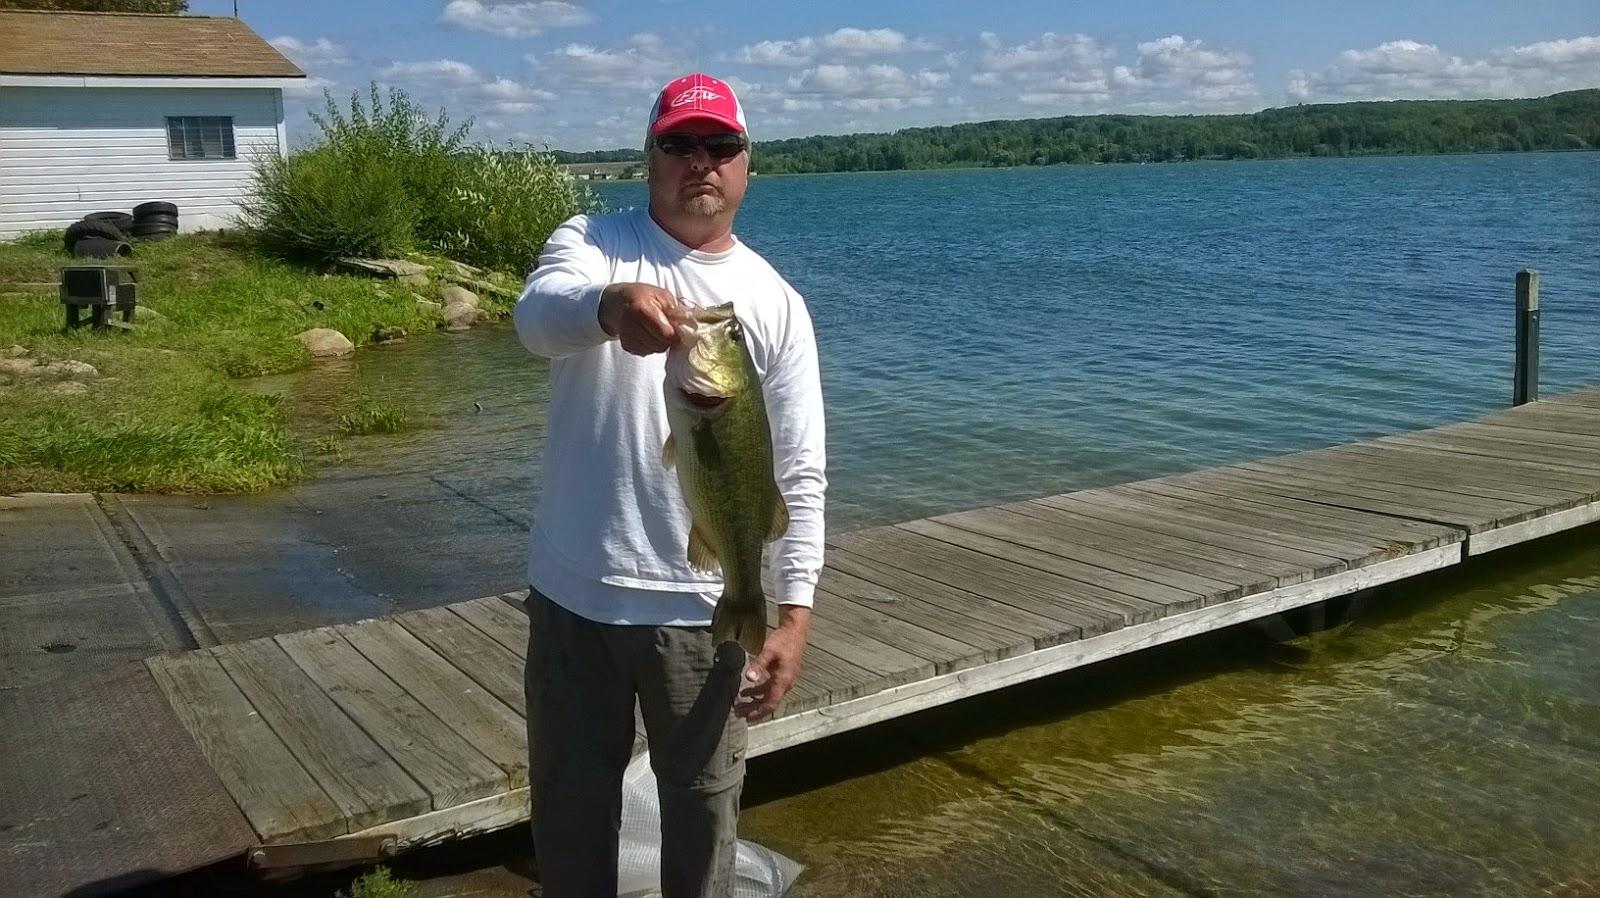 T c bass fishing club portage lake 8 17 14 for Portage lakes fishing